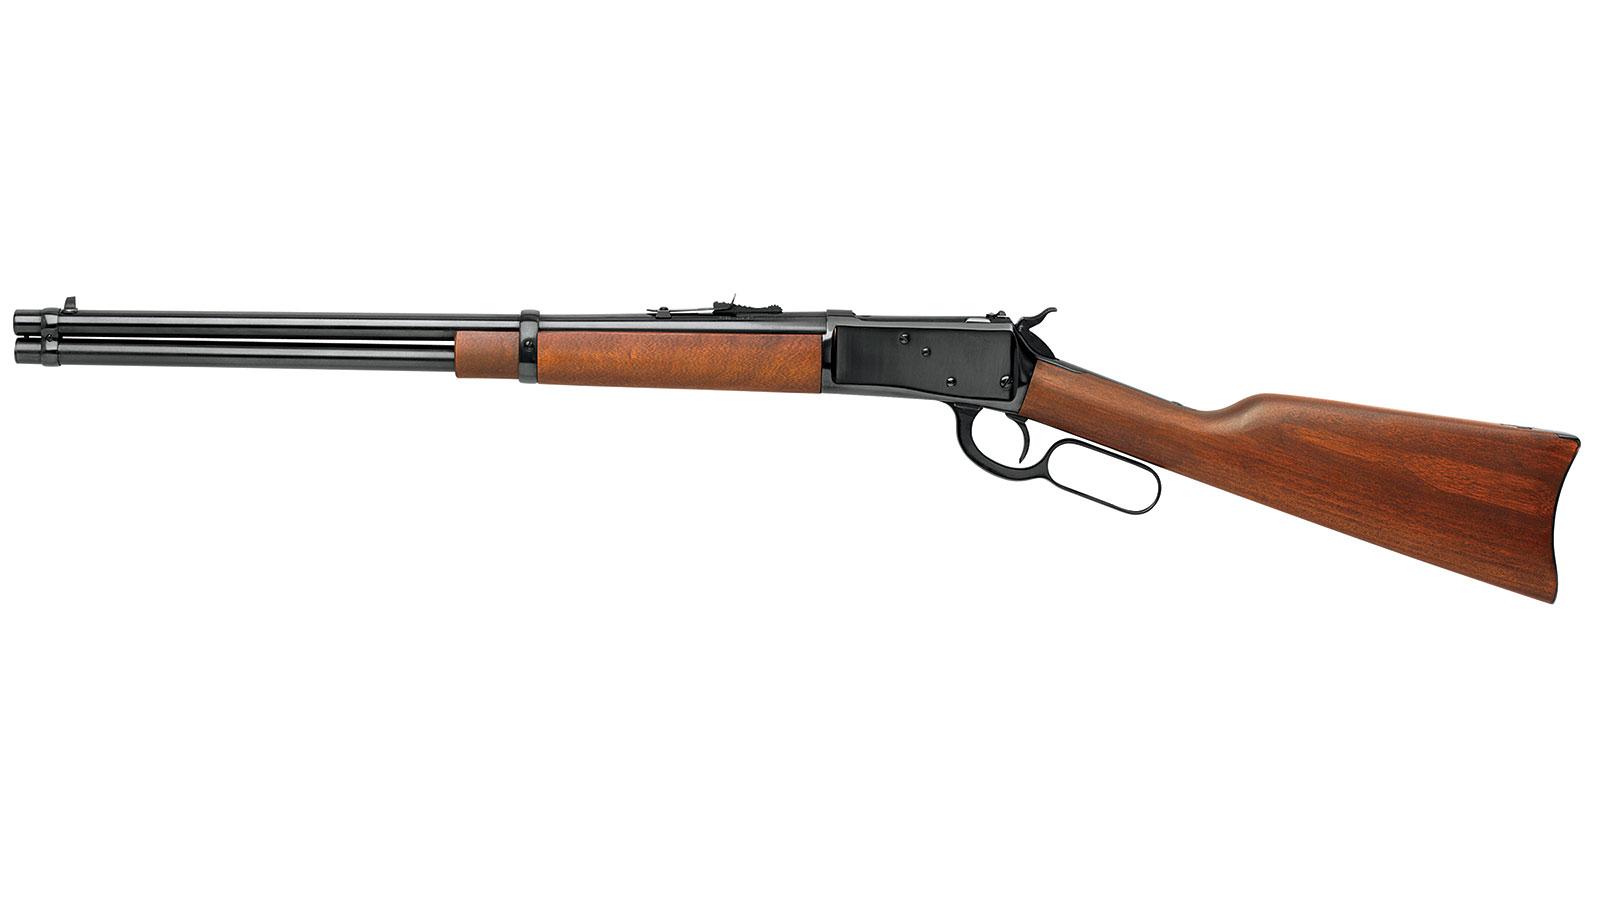 Rossi 923572013 R92 Lever Action Carbine Lever 357 Magnum|38 Special 20 10+1 Brazillian Hardwood Stk Polished Black in.